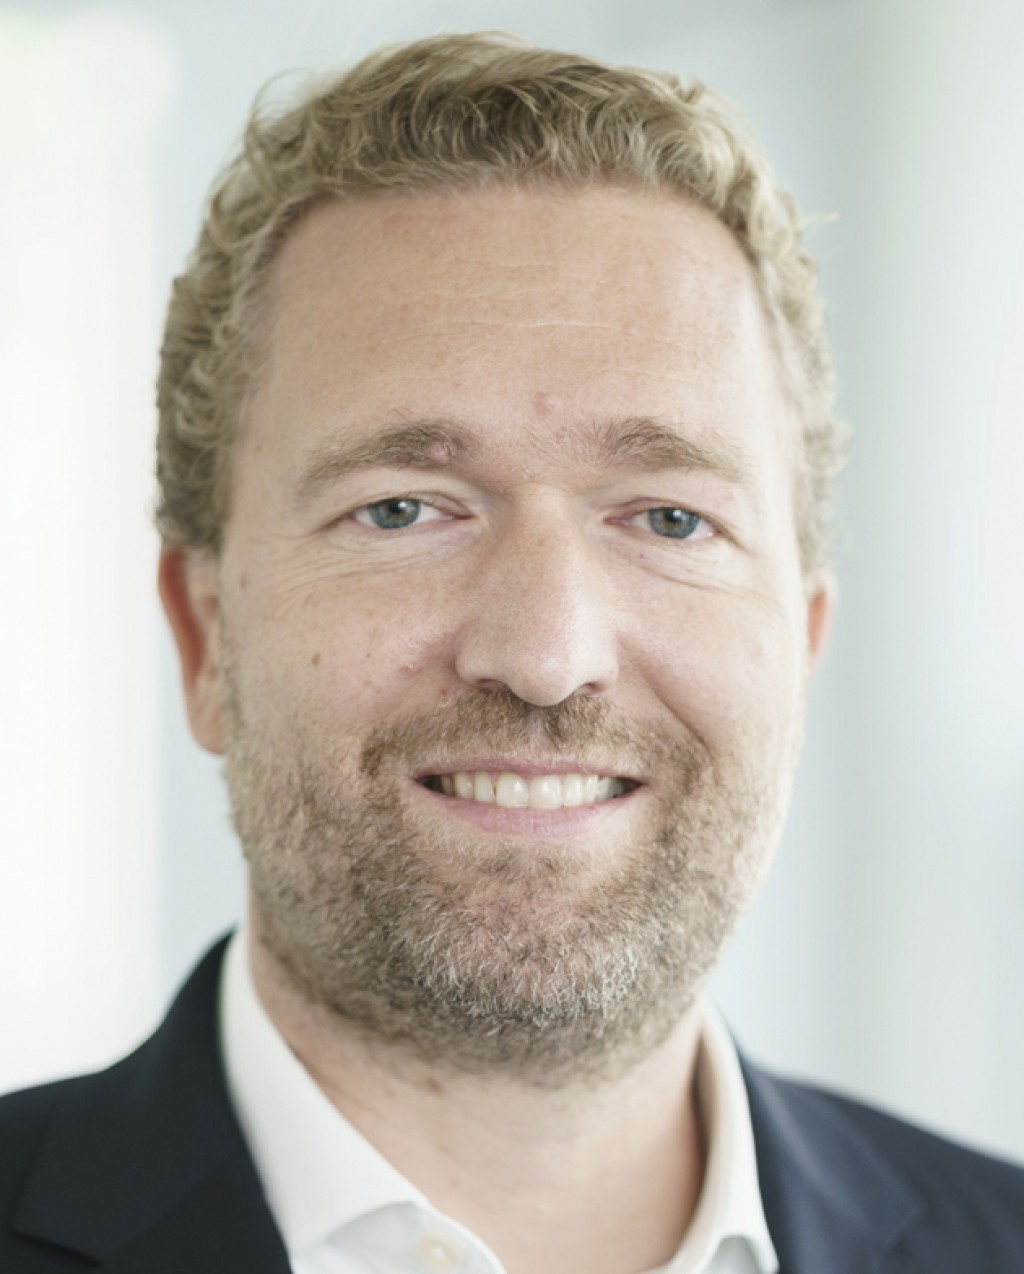 """Dr. Markus Lammers, Leiter B2B Deutschland bei der innogy SE, Essen: """"Wir müssen noch stärker das Segment Energiedienstleistung systematisch ausbauen. Die reine Beschränkung auf den Verkauf von Commodity-Angeboten reicht heute nicht mehr aus."""" Bild: Innogy"""